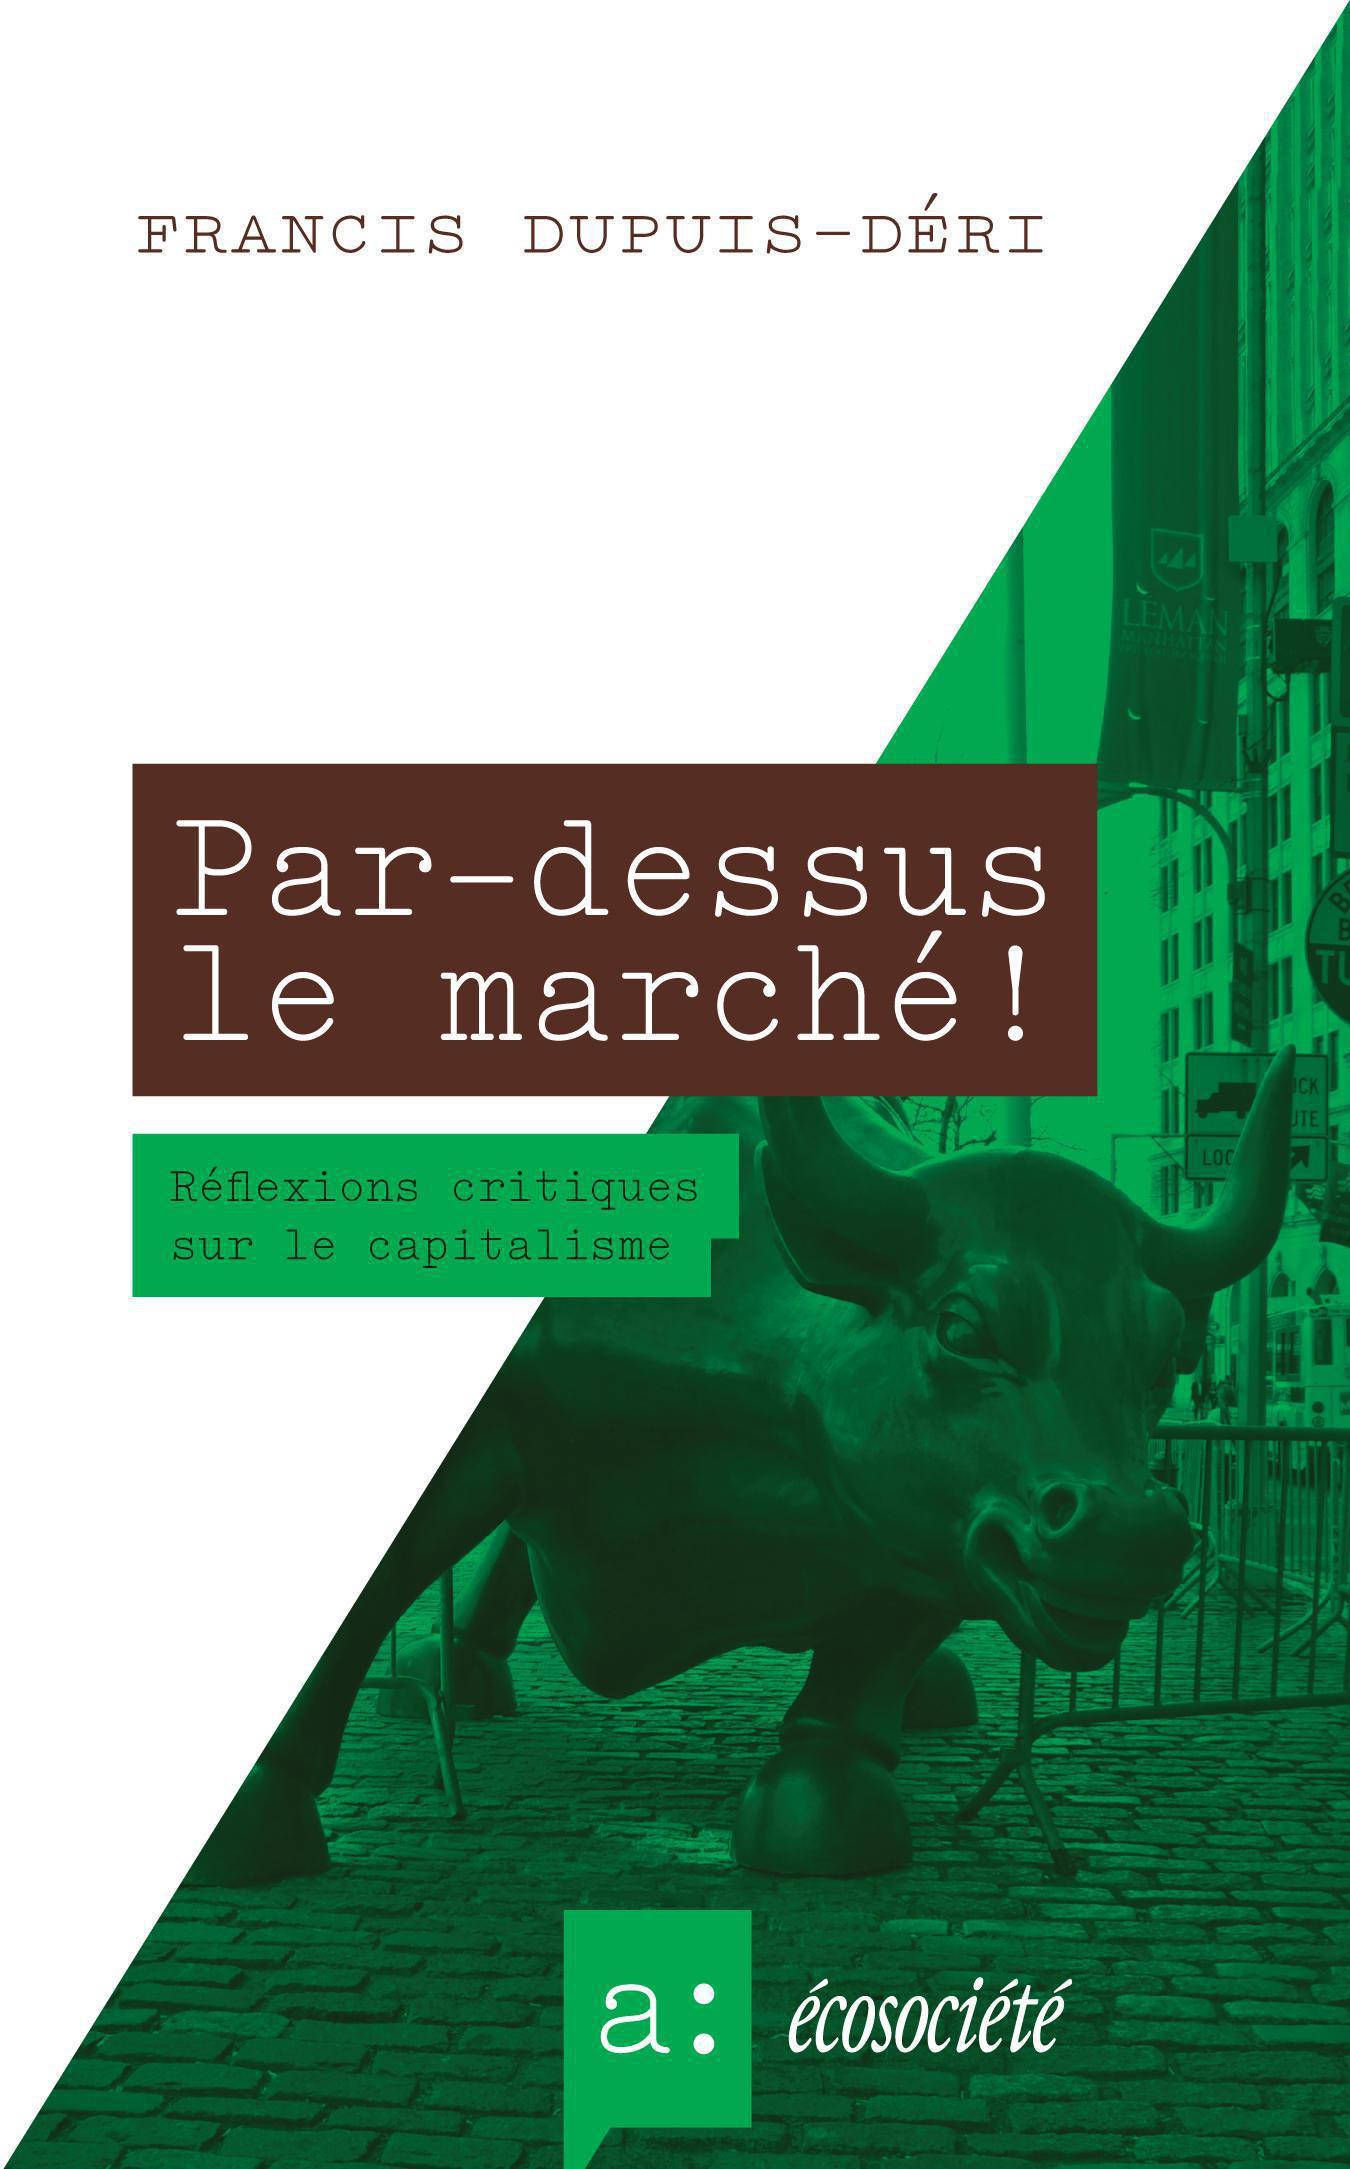 Couverture : Par-dessus le marché! Francis Dupuis-déri